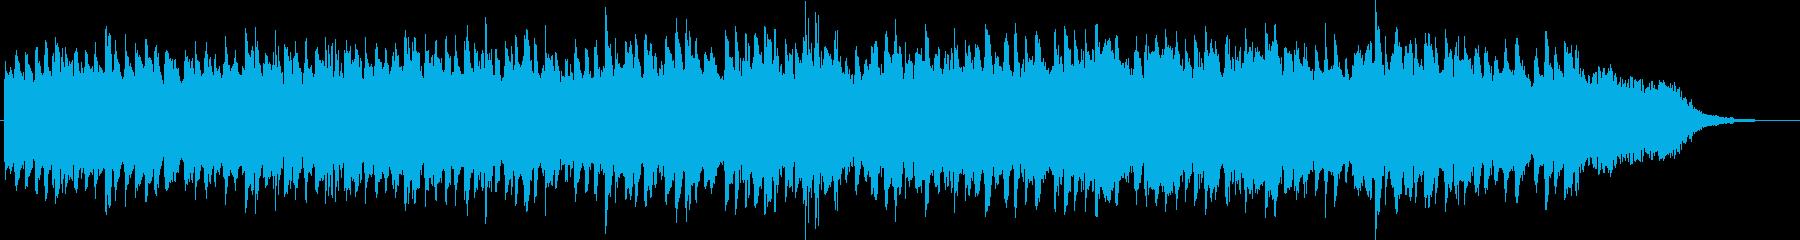 シンセによるキラキラしたジングル4の再生済みの波形